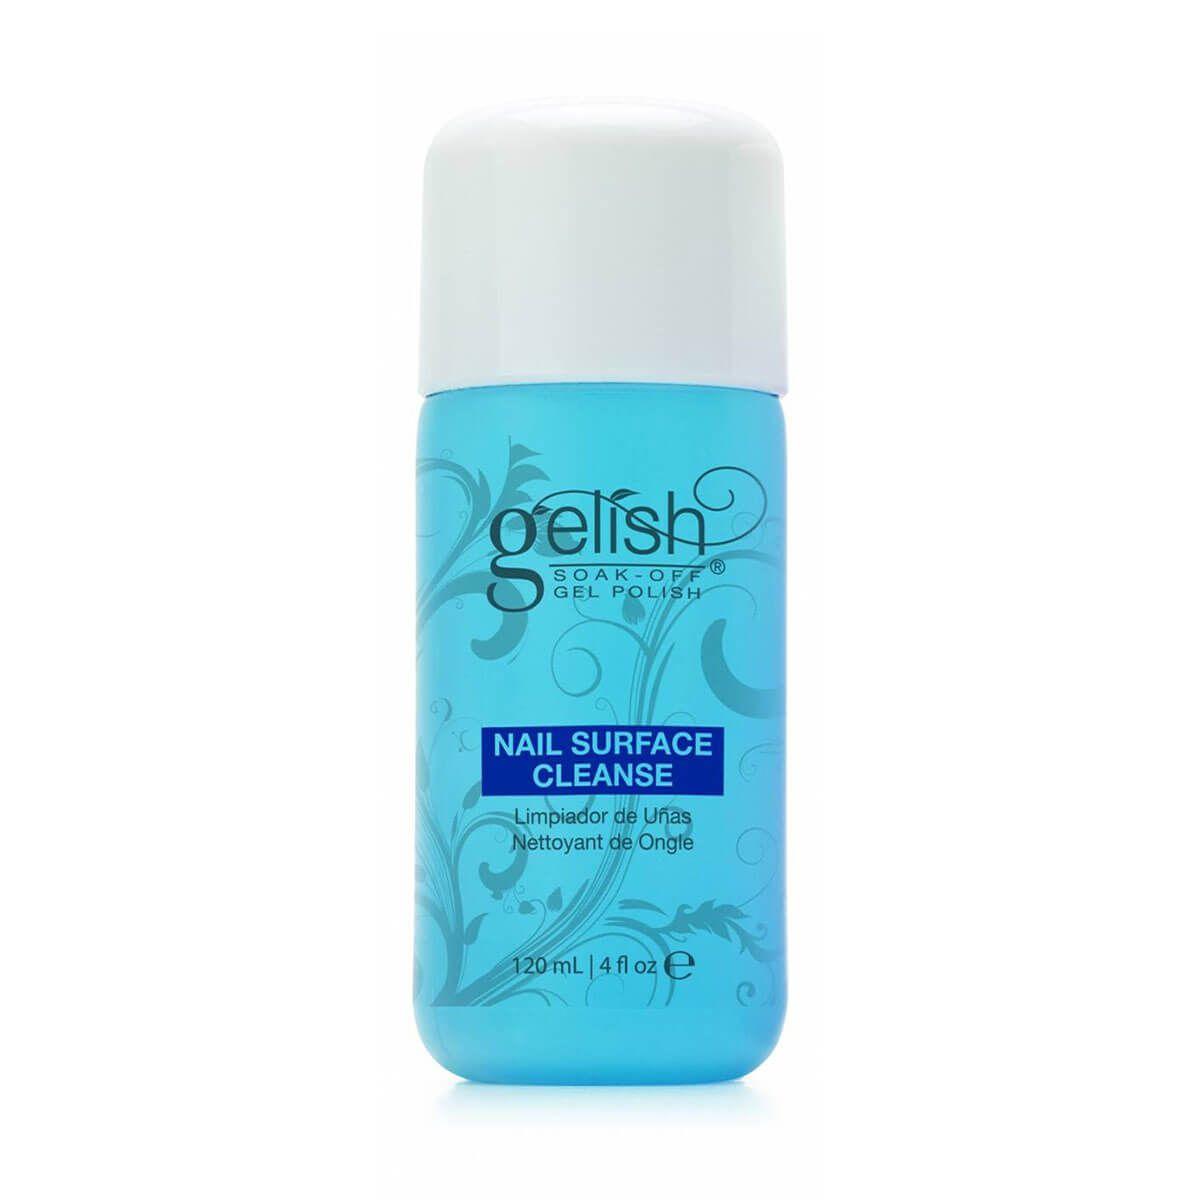 Nail Surface Cleanse Harmony Higienizador de Unhas 120ml